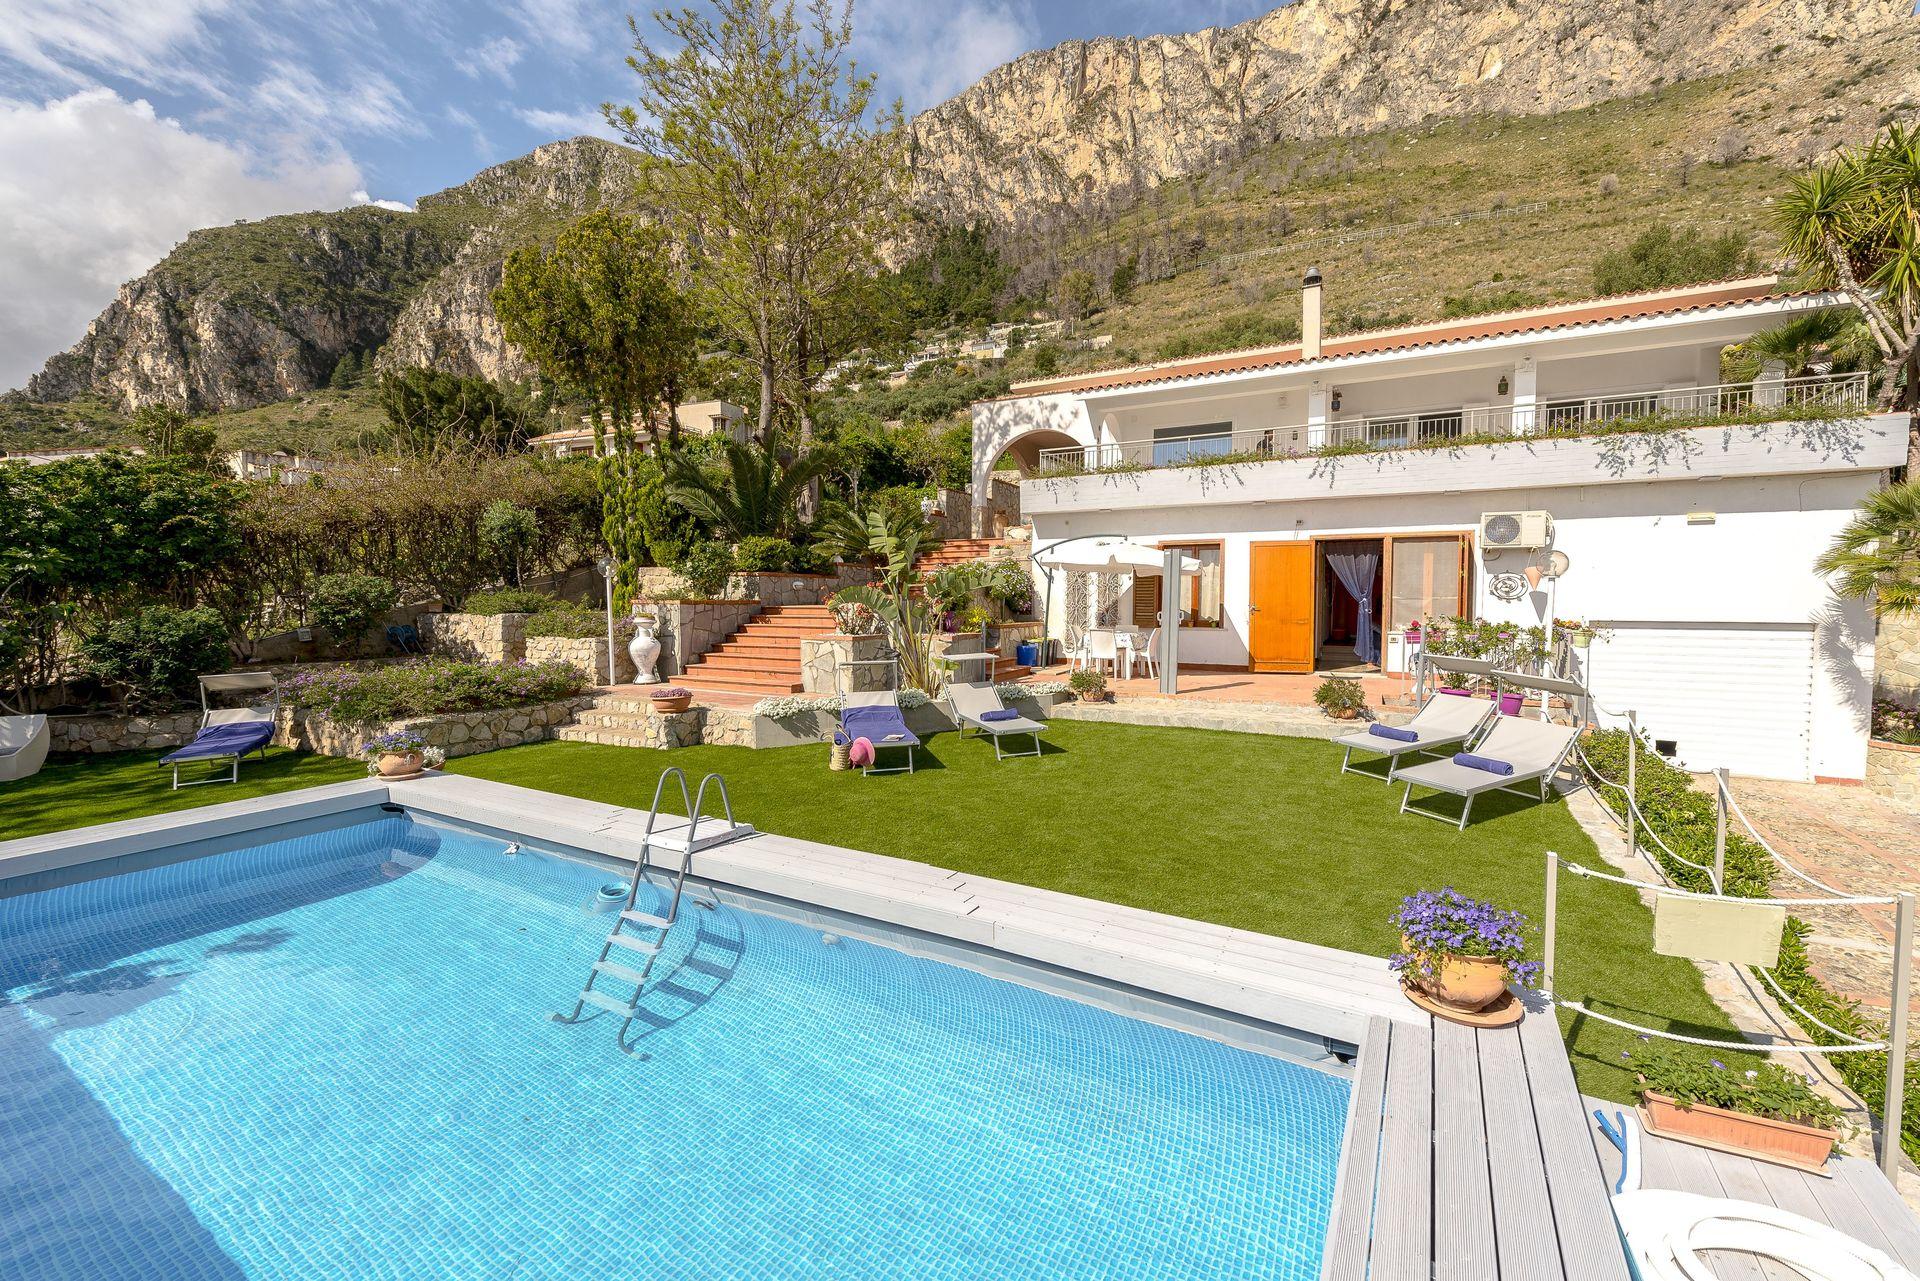 Acheter Une Maison En Italie Abruzzes villa di sofia location de vacances - couchages 11 dans 4